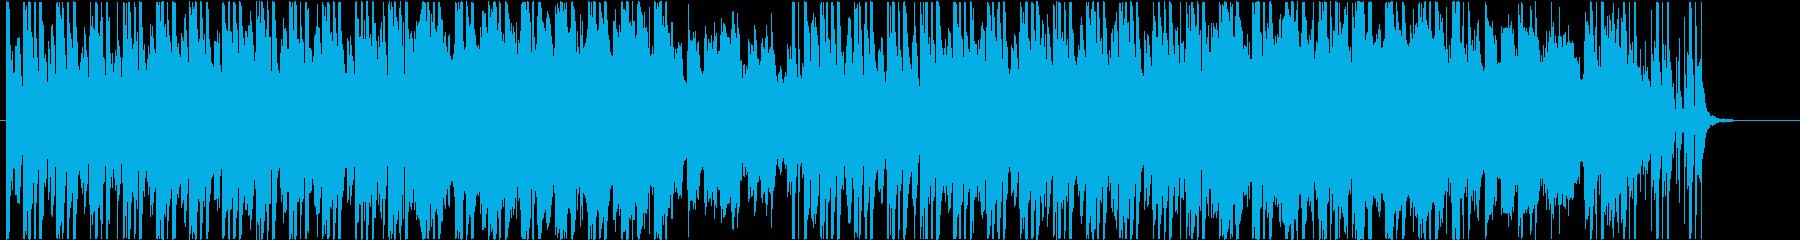 ノスタルジーな民族音楽です。の再生済みの波形